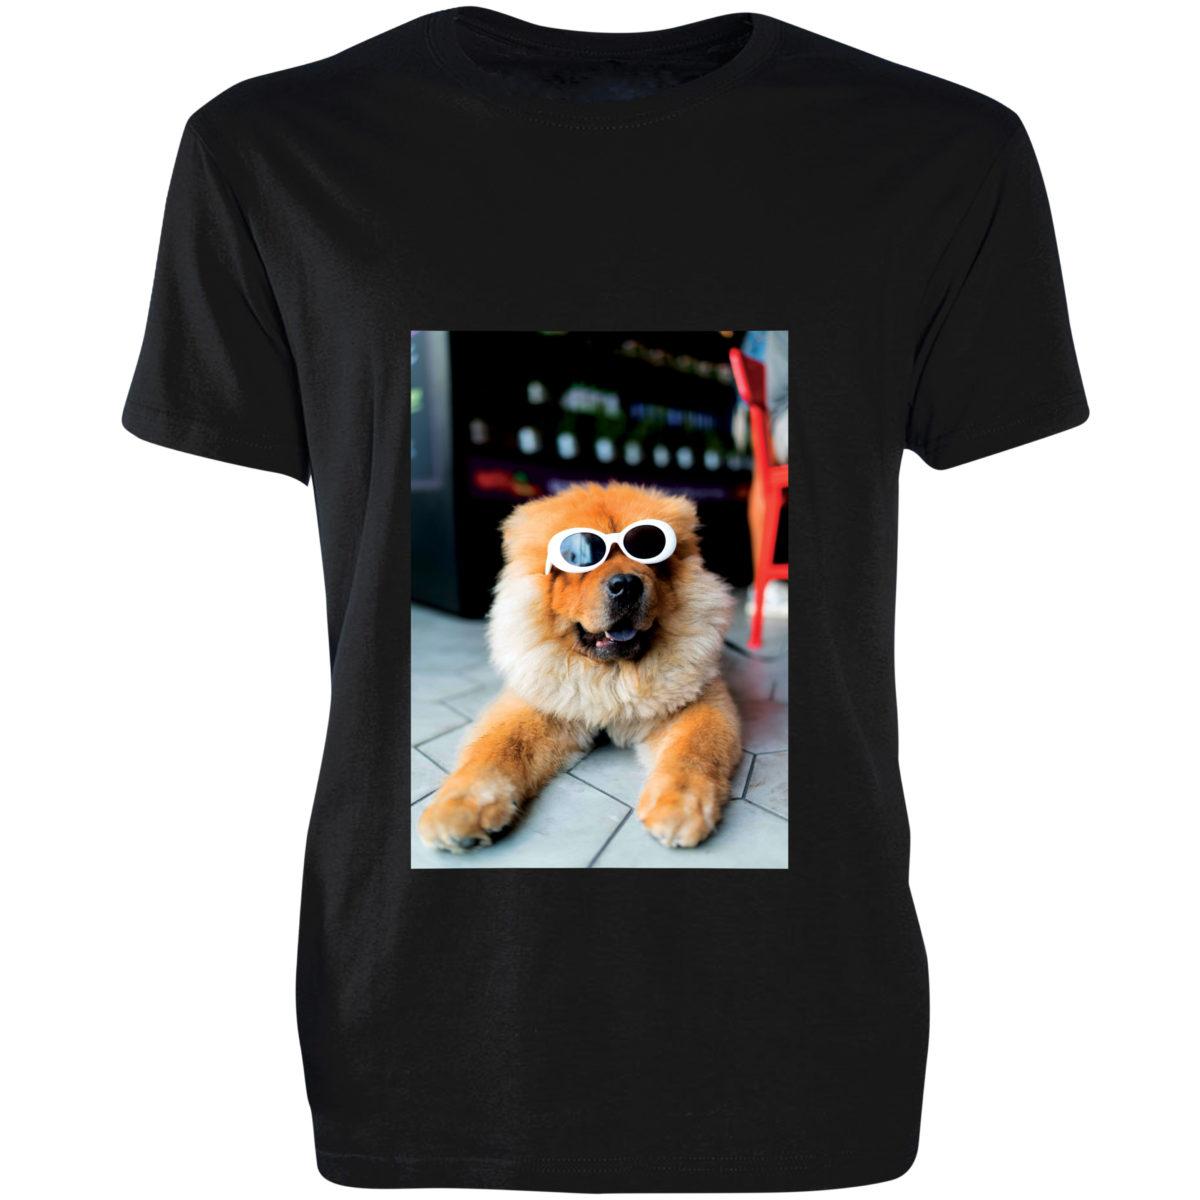 t-shirt cotone uomo nera personalizzata